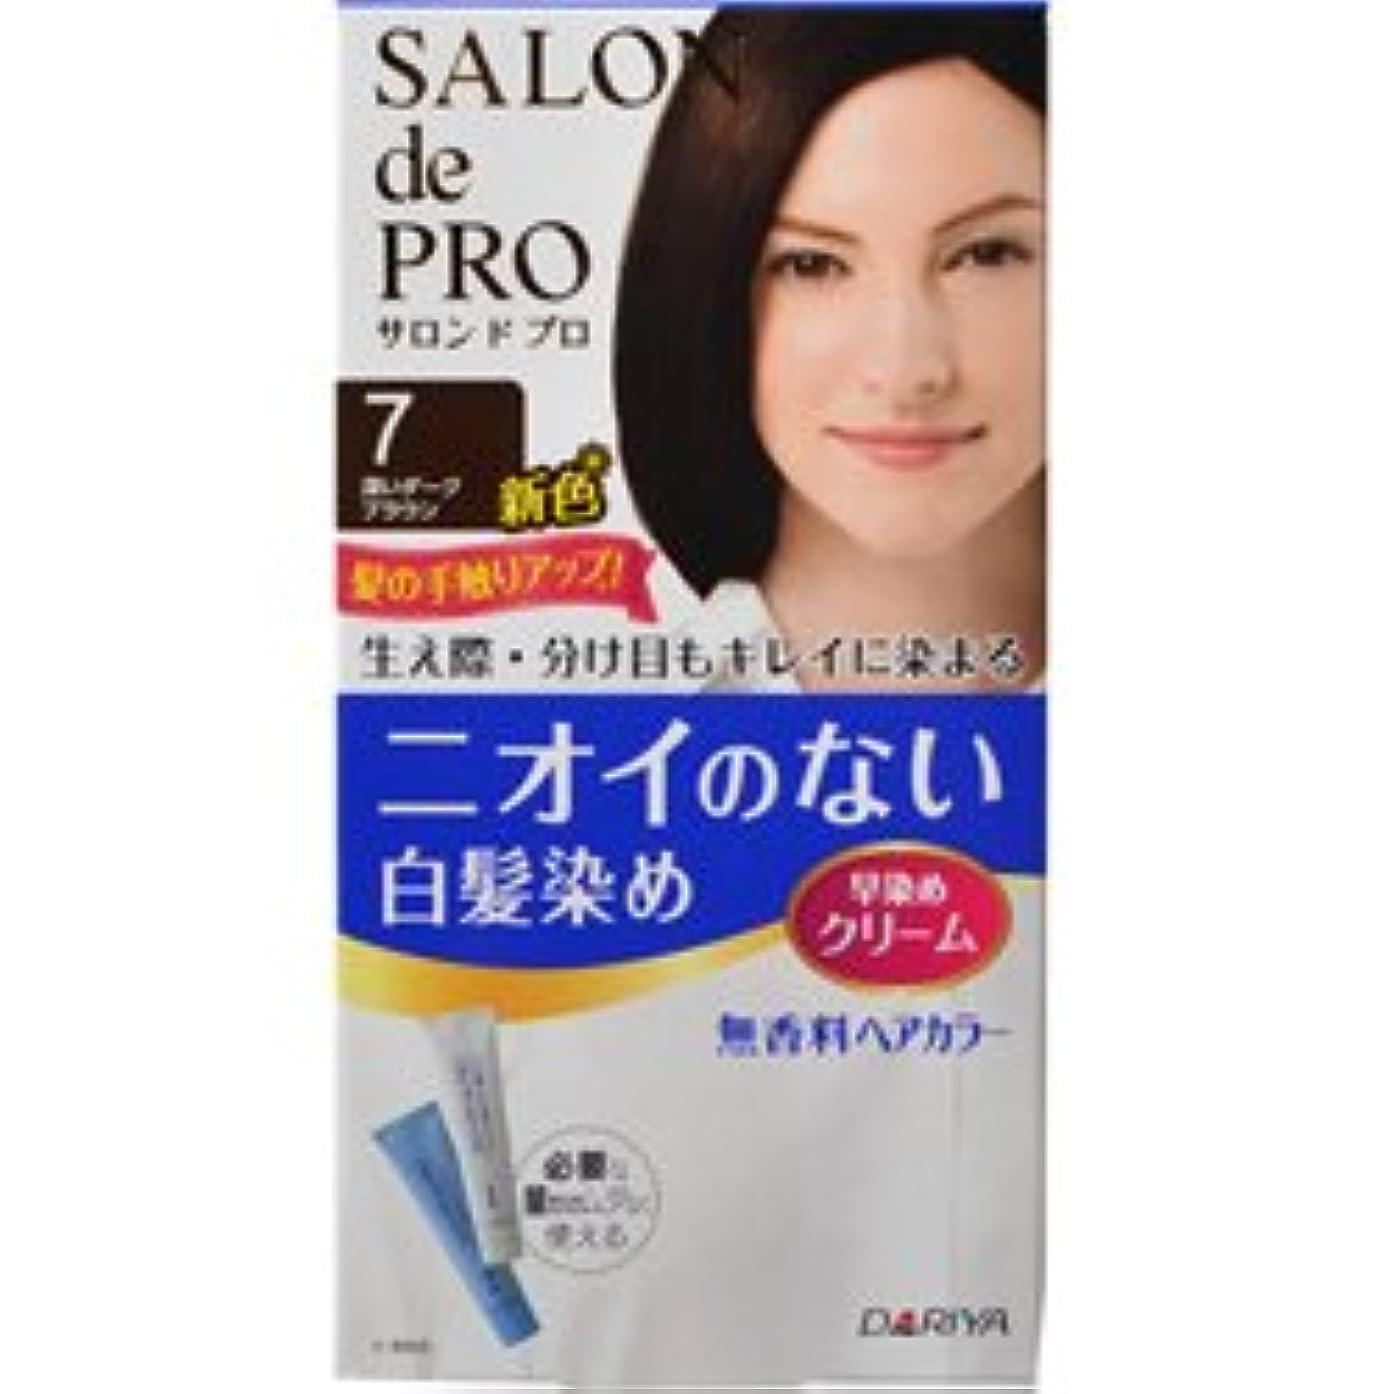 飼料曲げる適度に【ダリヤ】サロンドプロ 無香料ヘアカラー 早染めクリーム 7(深いダークブラウン) ×10個セット